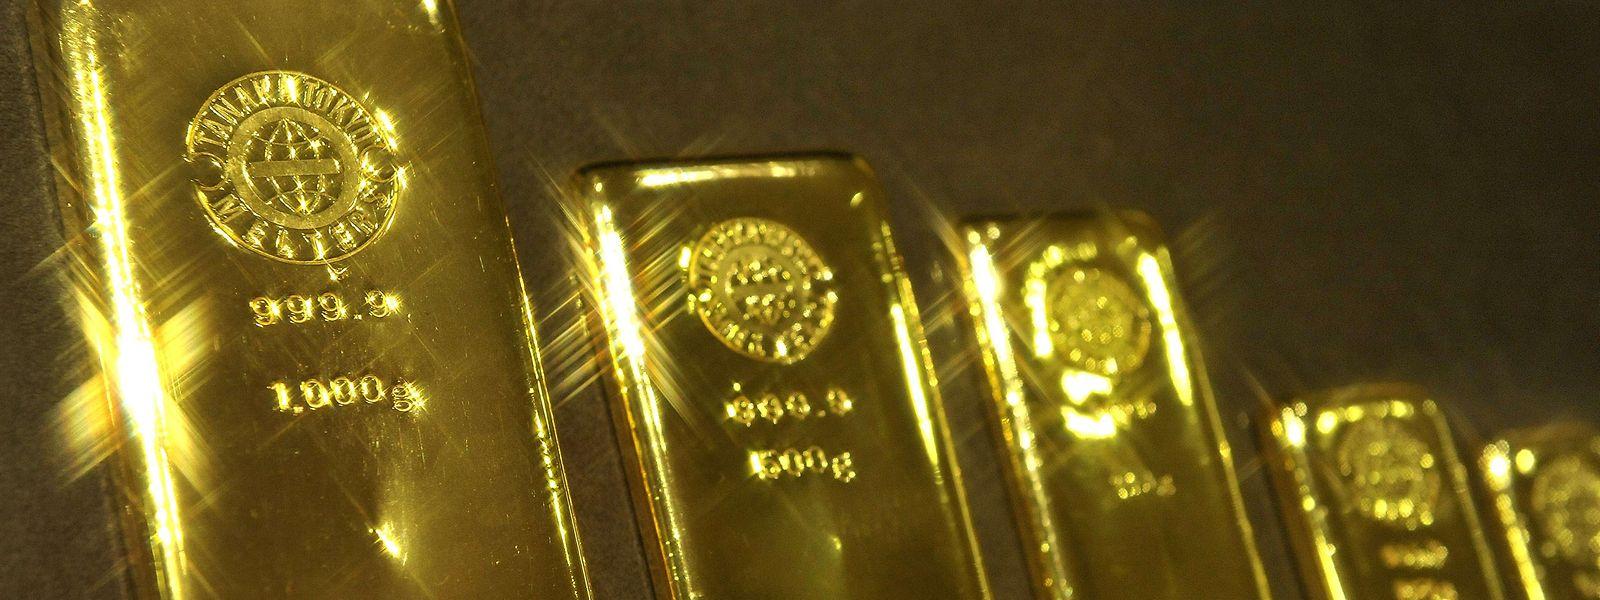 Au cours actuel, pas plus de 200 grammes d'or ne peuvent circuler depuis ou à destination du Luxembourg pour quiconque va ou vient d'un pays hors UE.